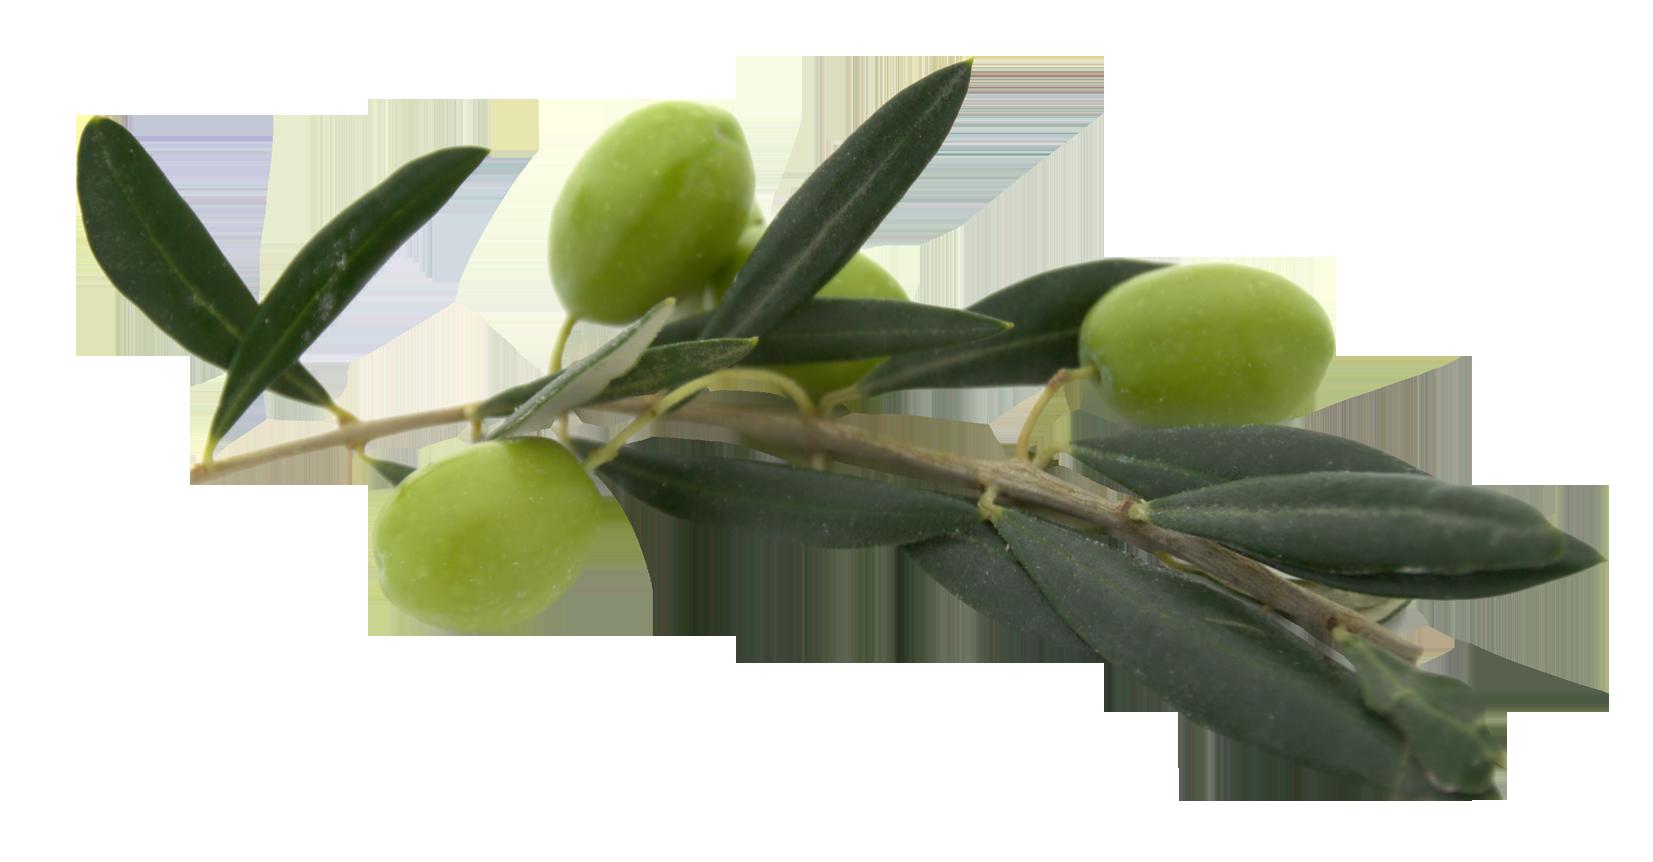 Olives PNG images free download, olive PNG.